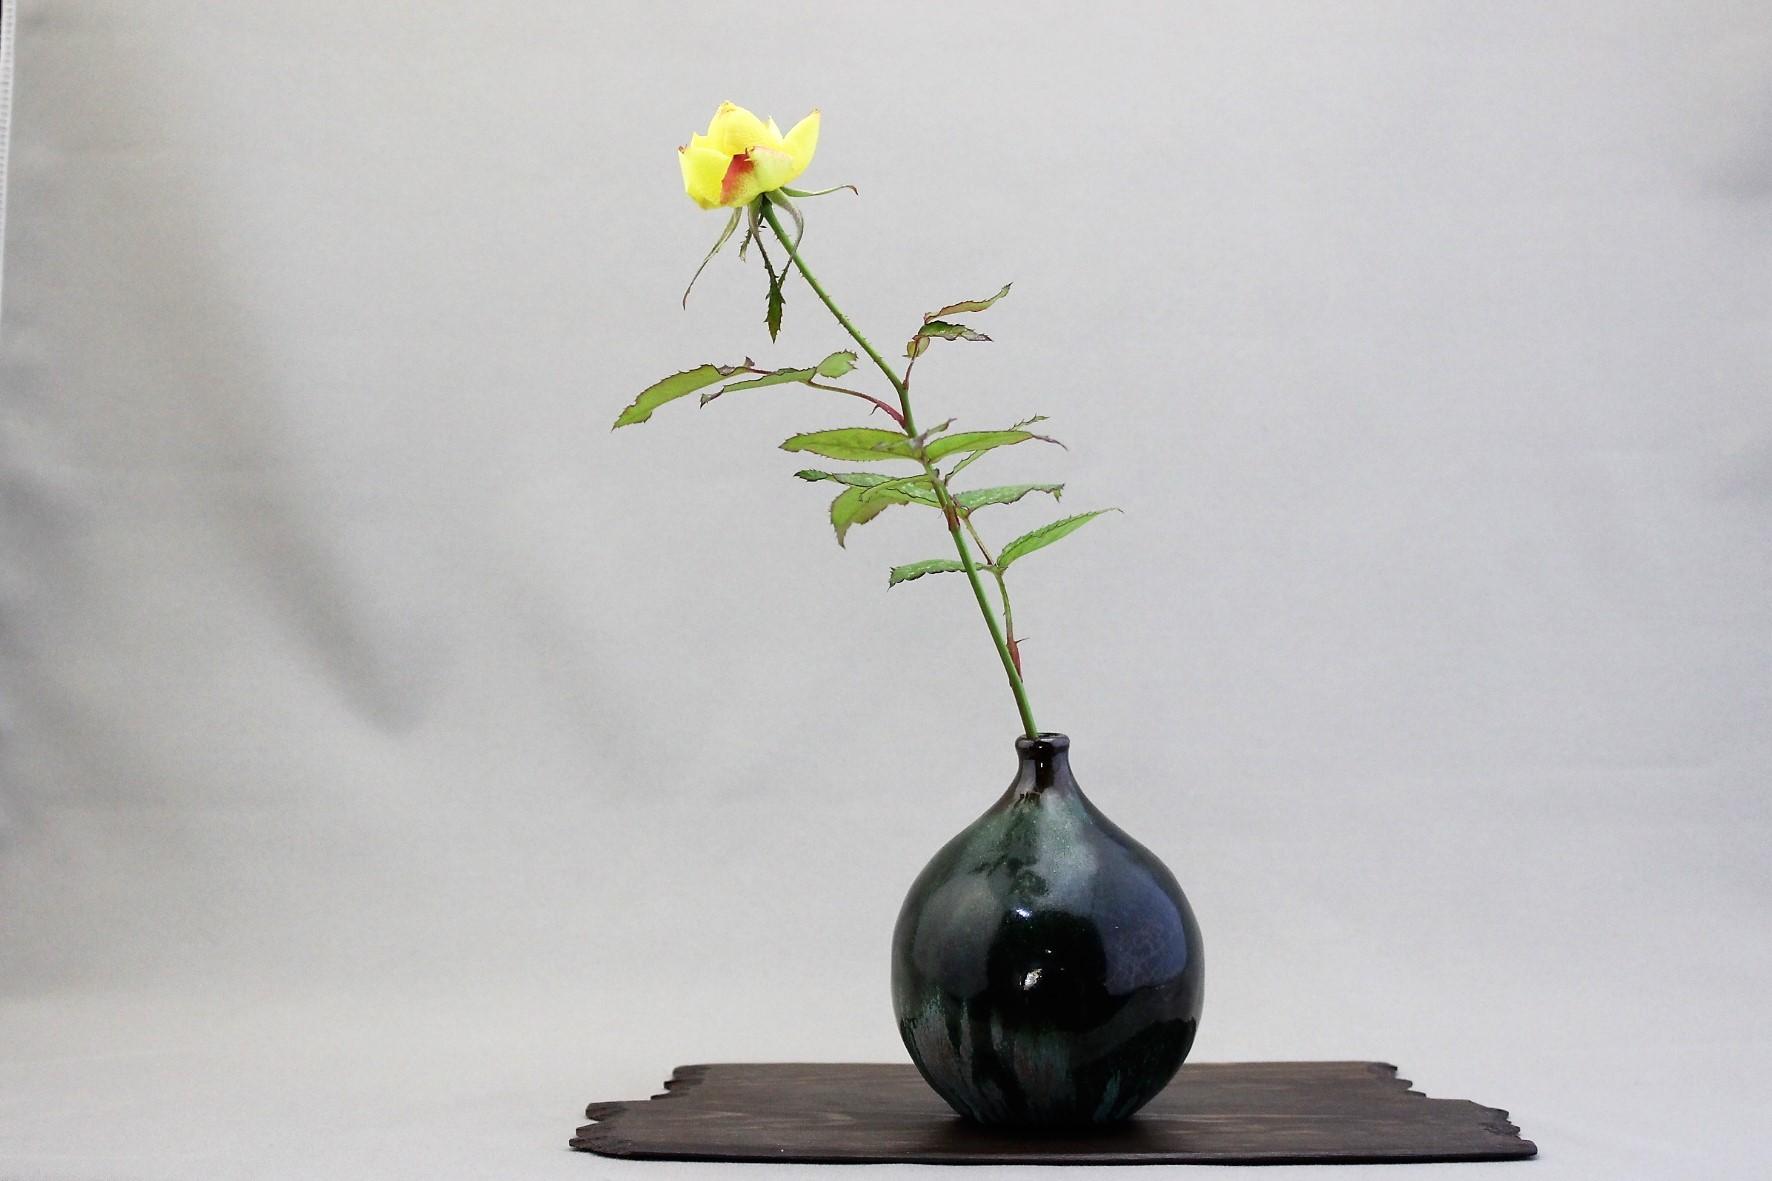 狂い咲き - 雨宮園 ☆~盆栽・山野草・陶芸~☆趣味が仕事でも・・・。